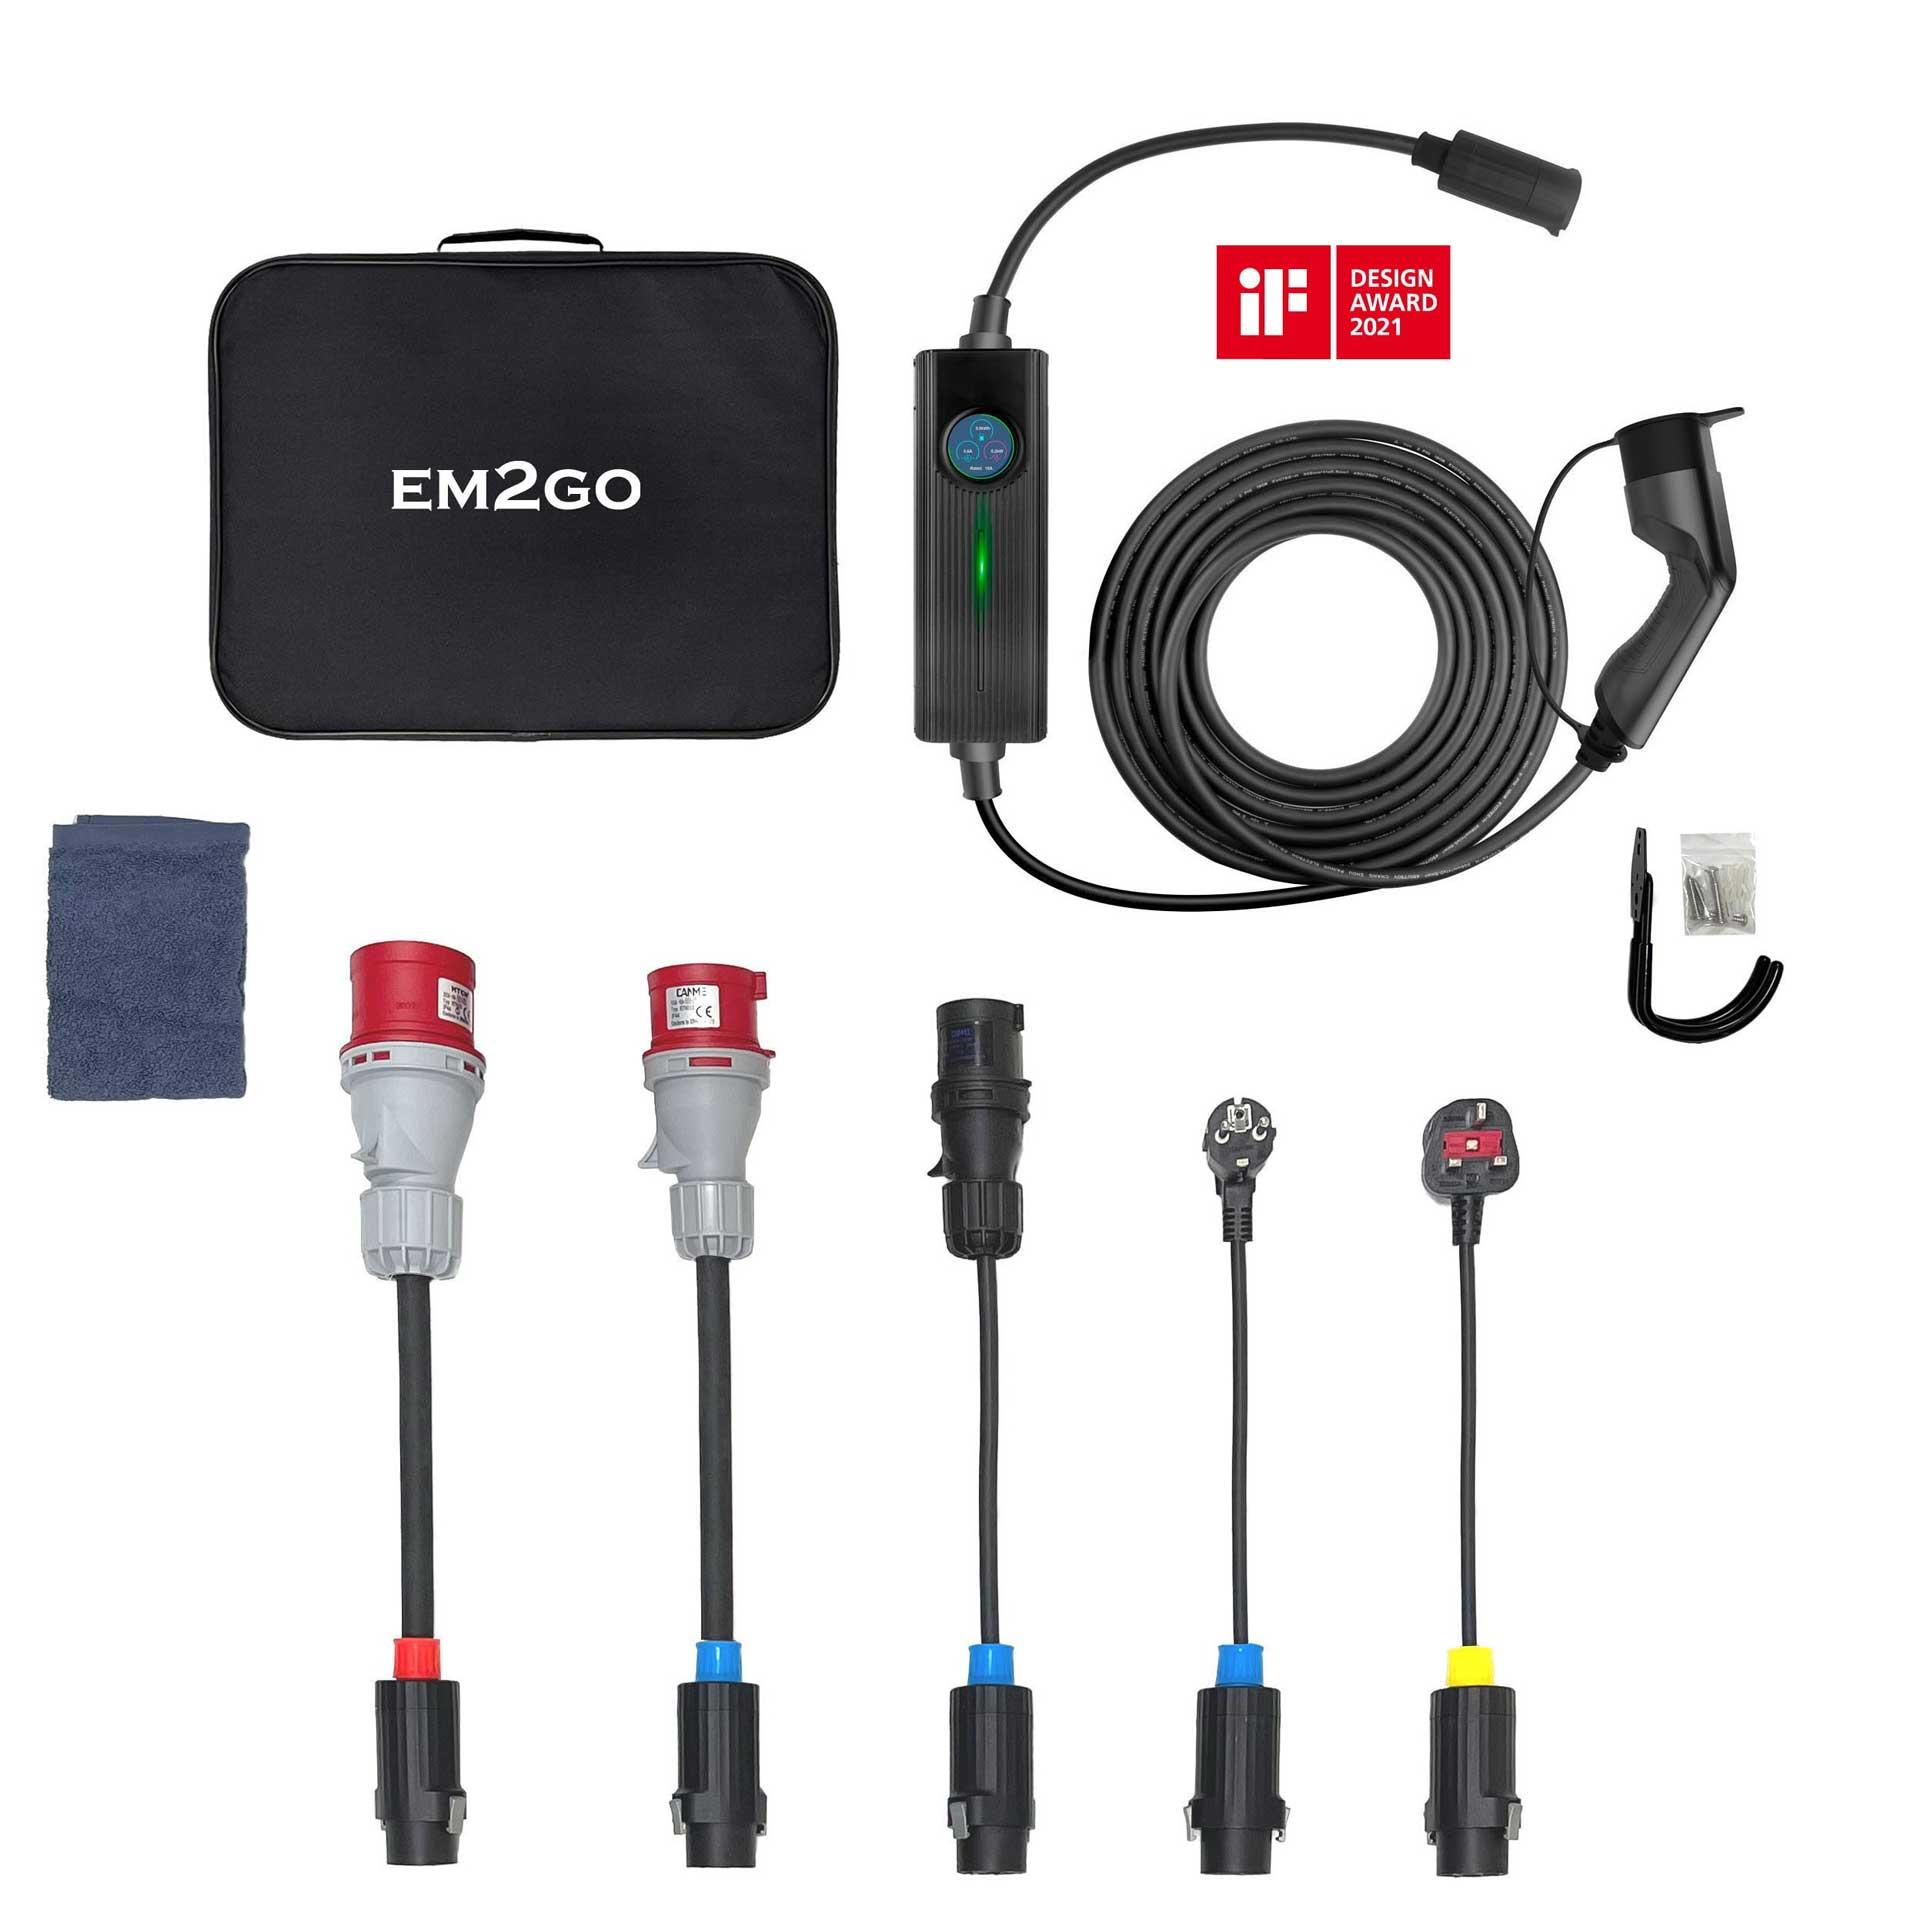 EM2GO mobiles Ladesystem für E-Fahrzeuge inkl. 5 Adapter